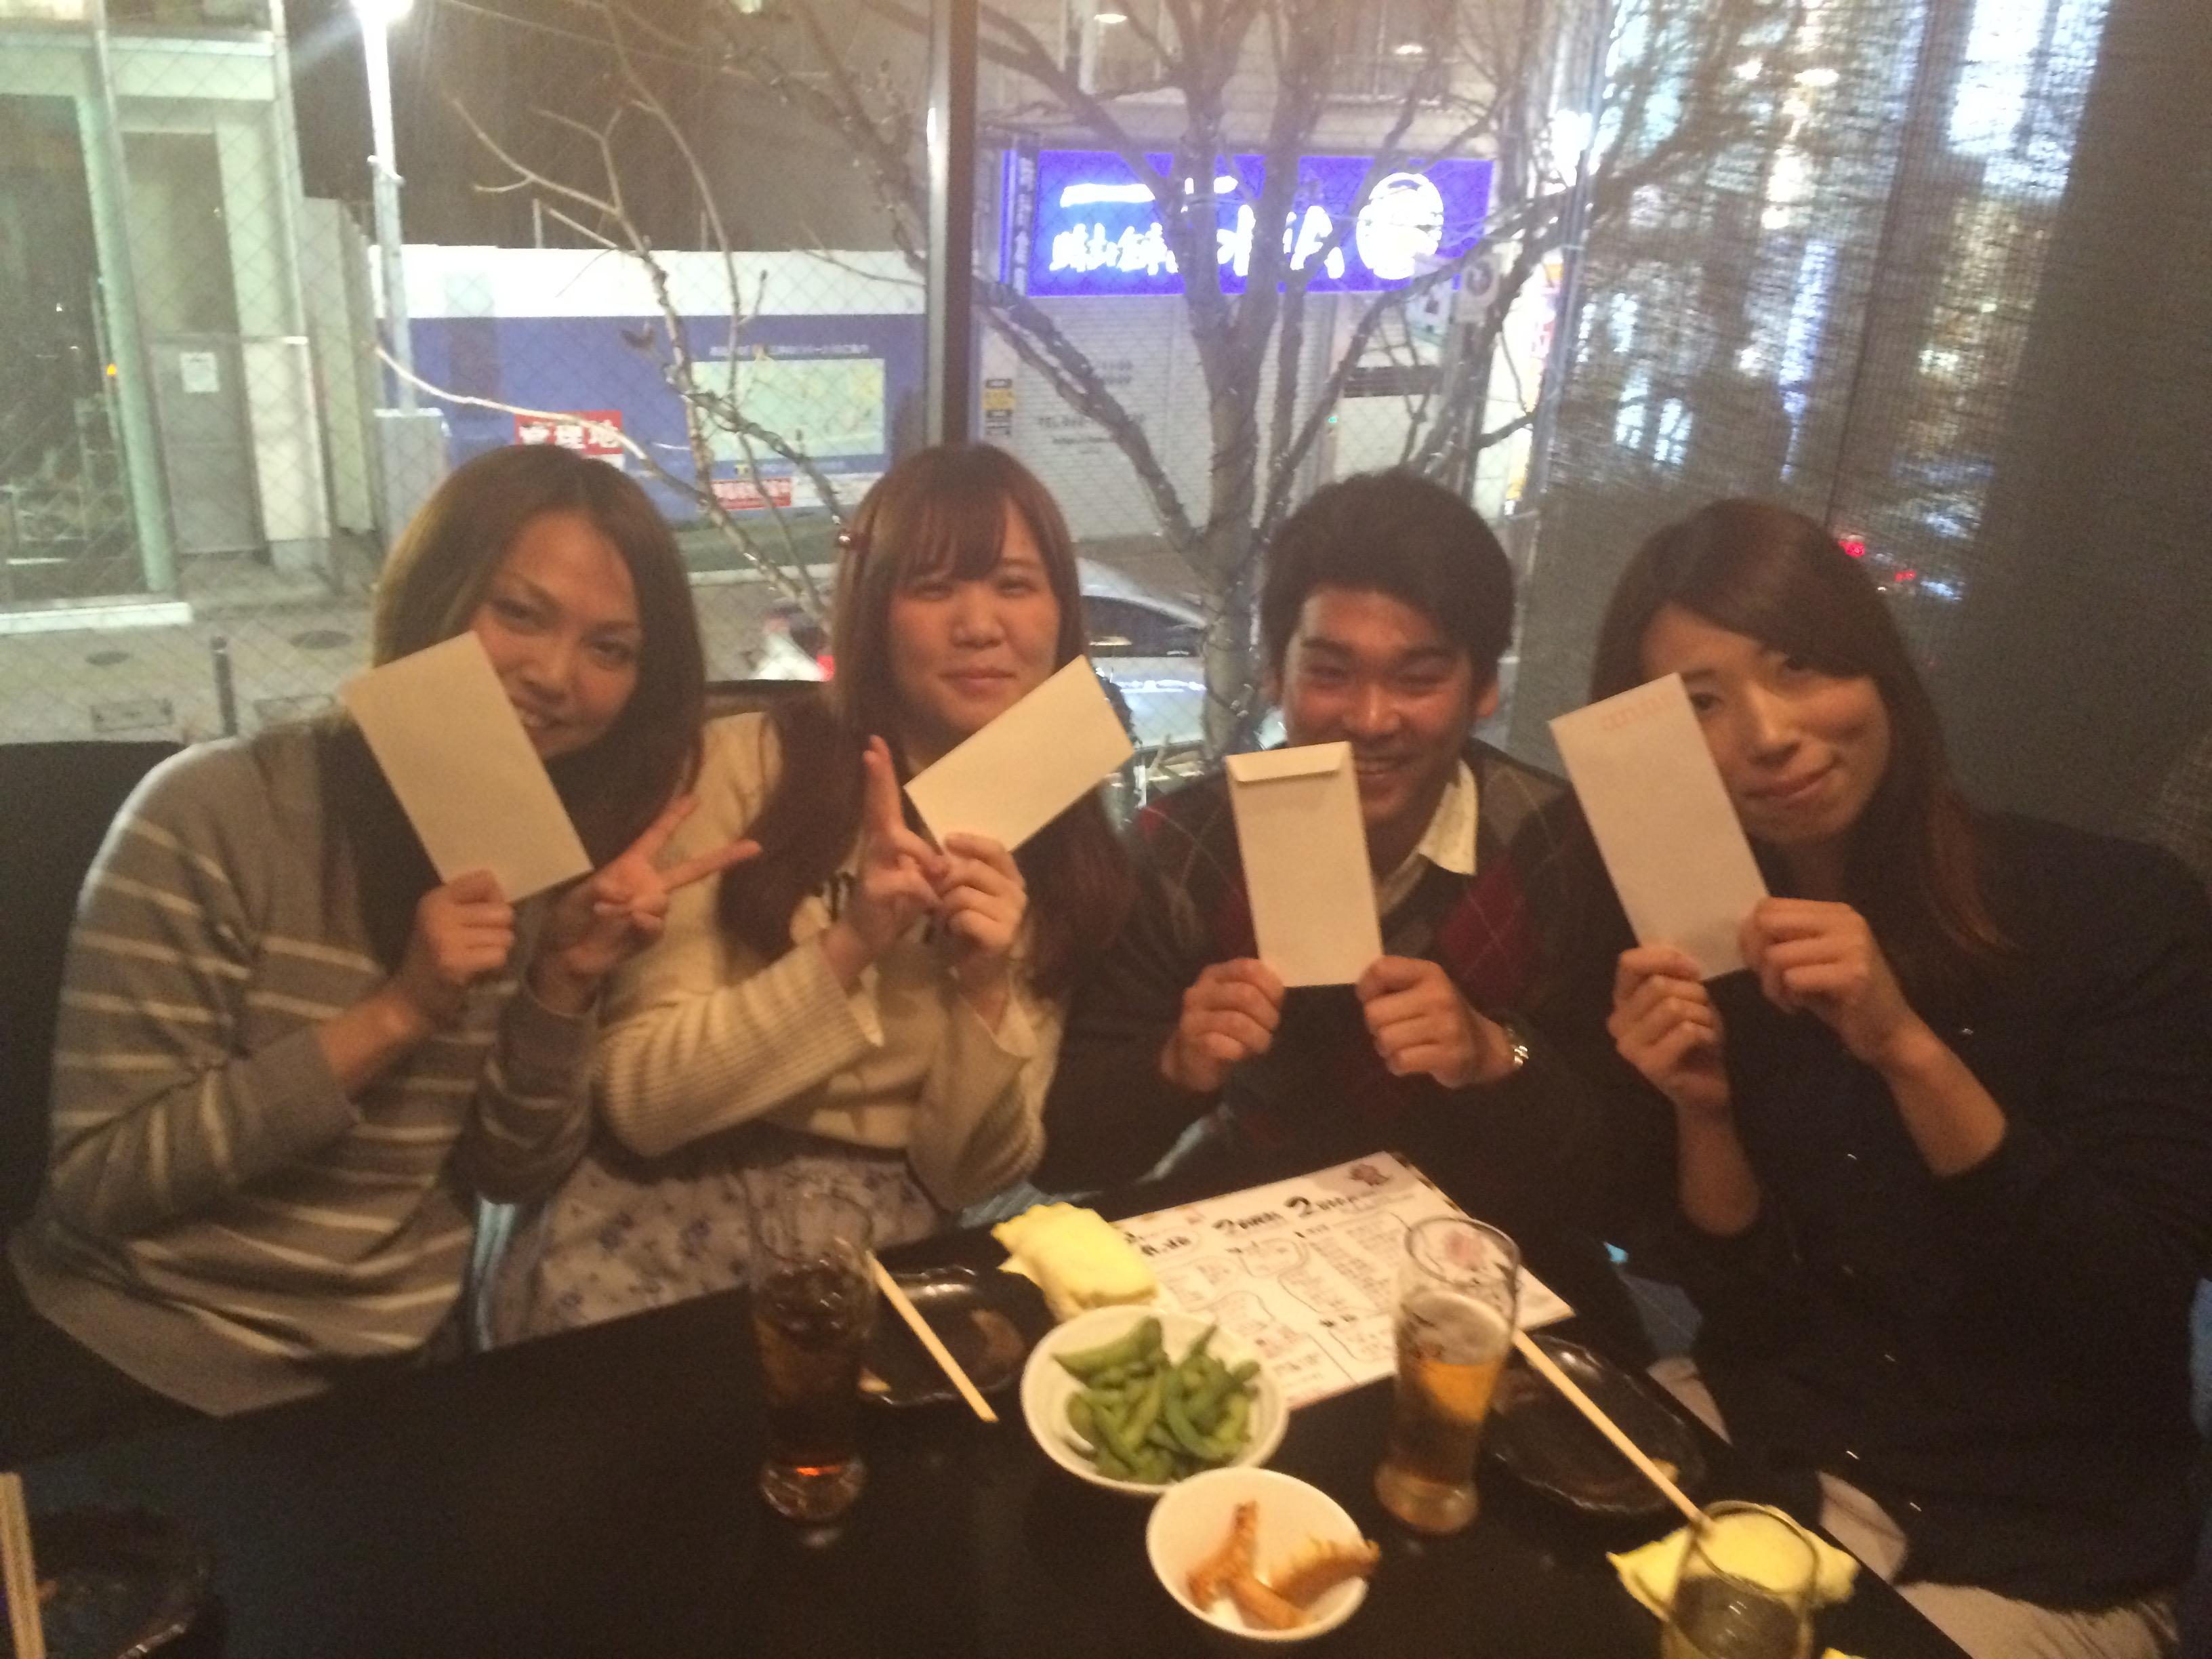 2015/01/17チームE打ち上げ